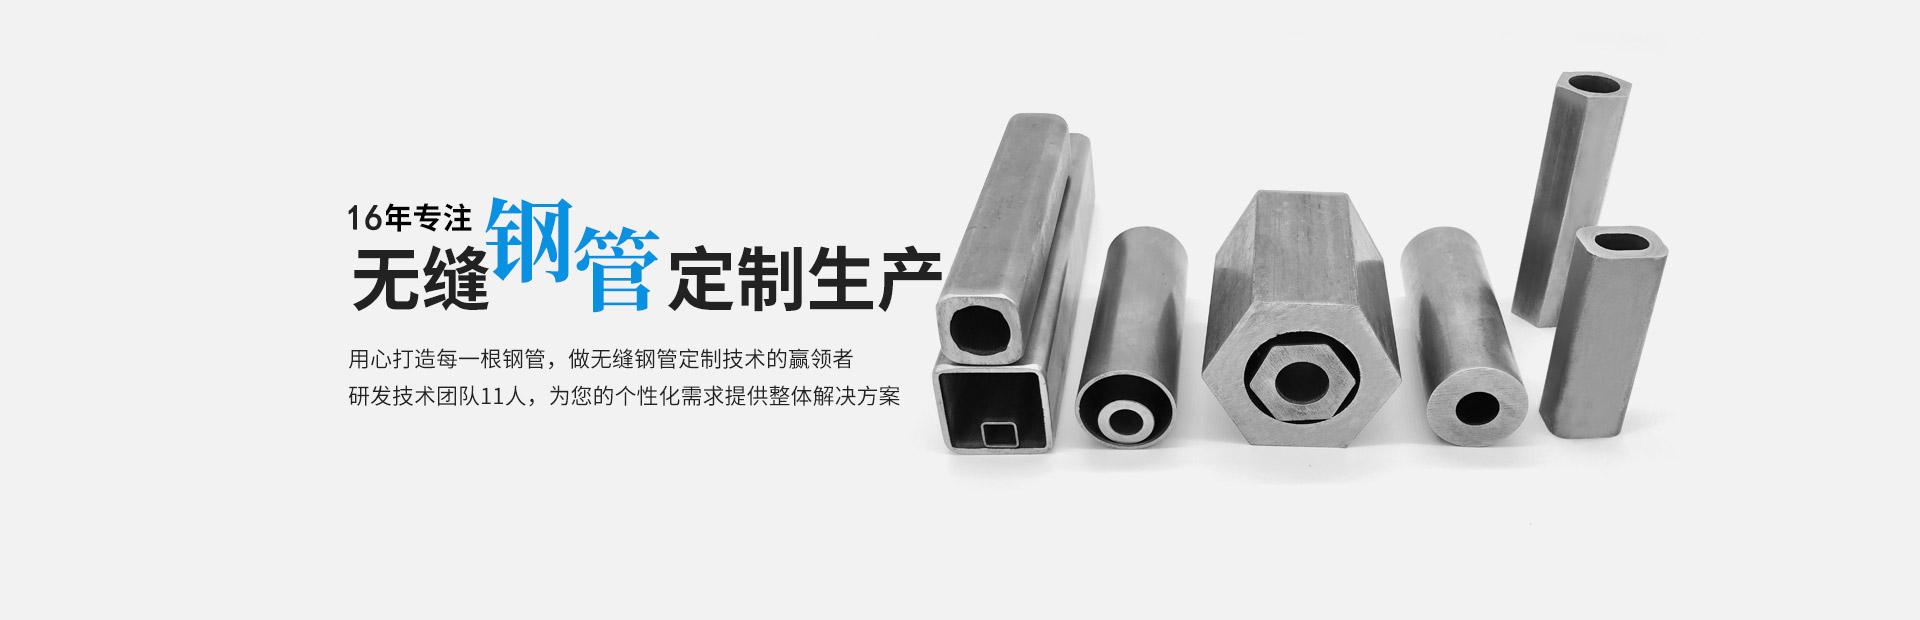 天展钢管-16年专注无缝钢管定制生产